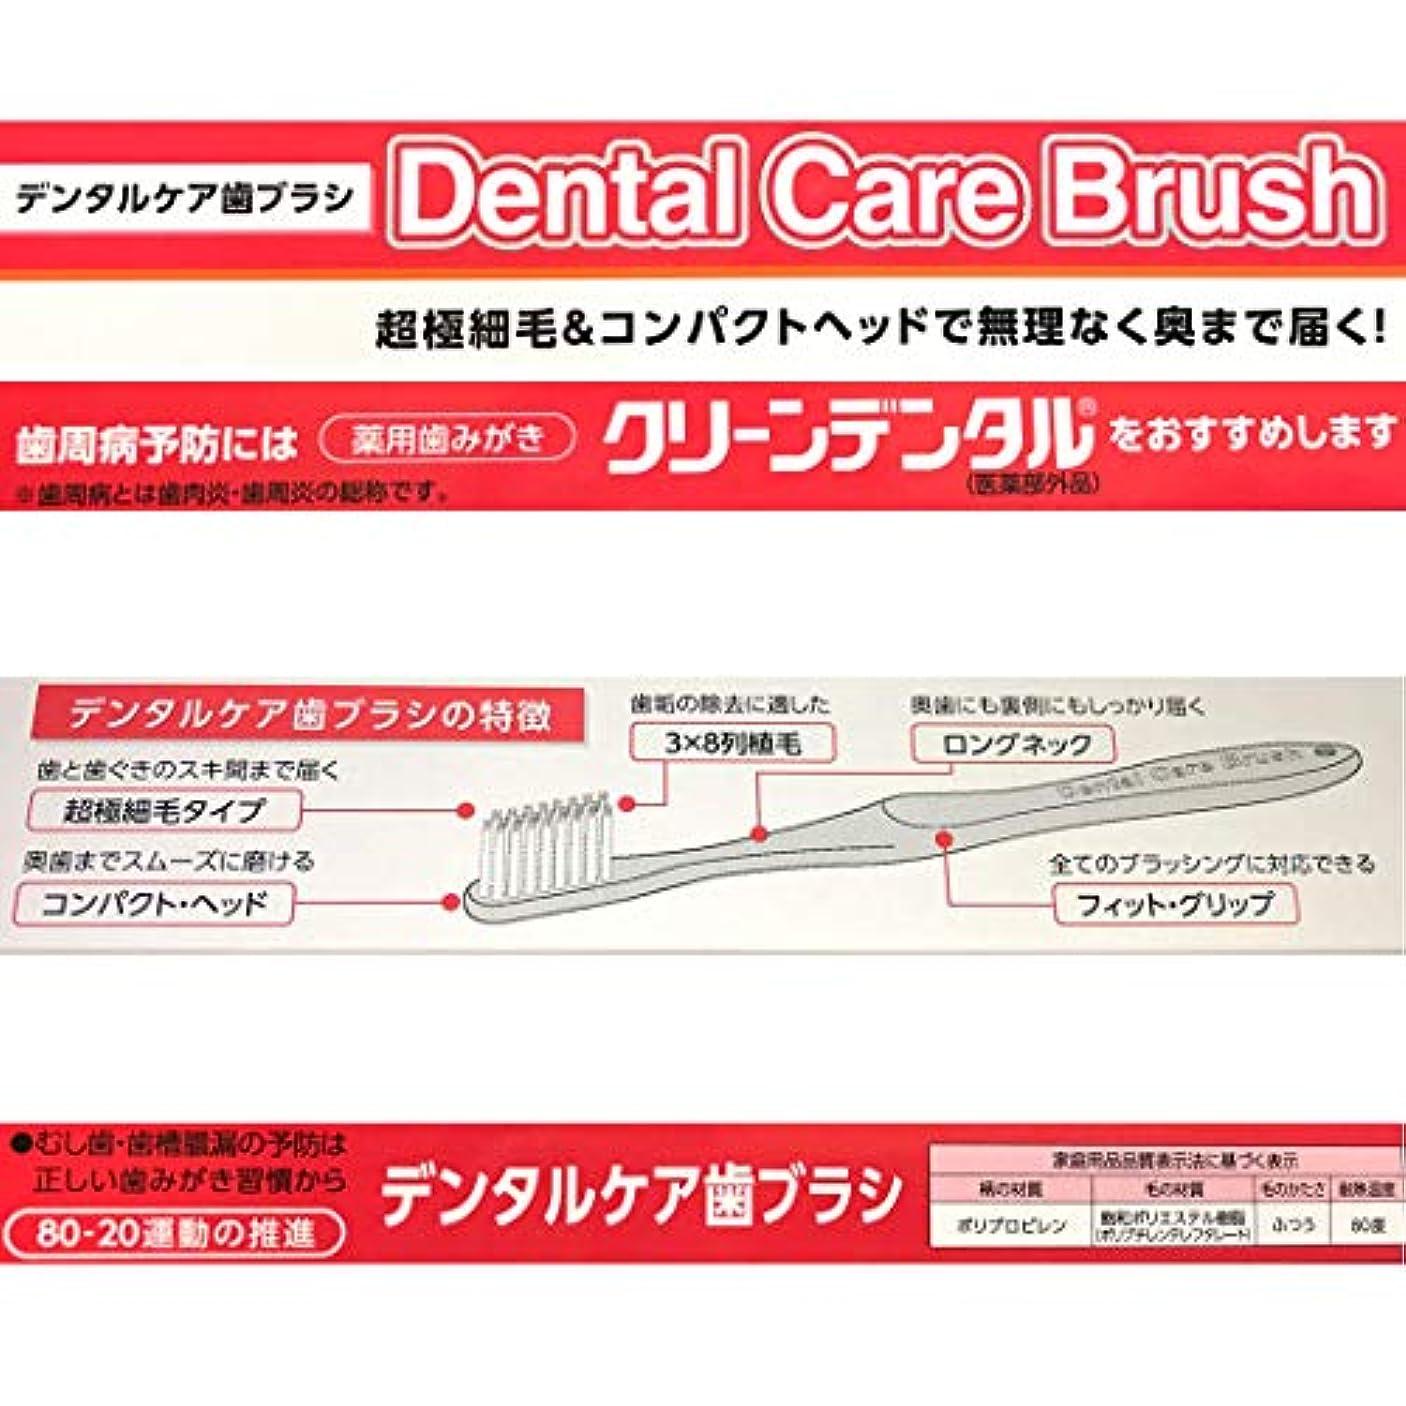 おとうさんペルソナしたがって【数量限定】超極細毛&コンパクトヘッド デンタルケア歯ブラシ (3本)